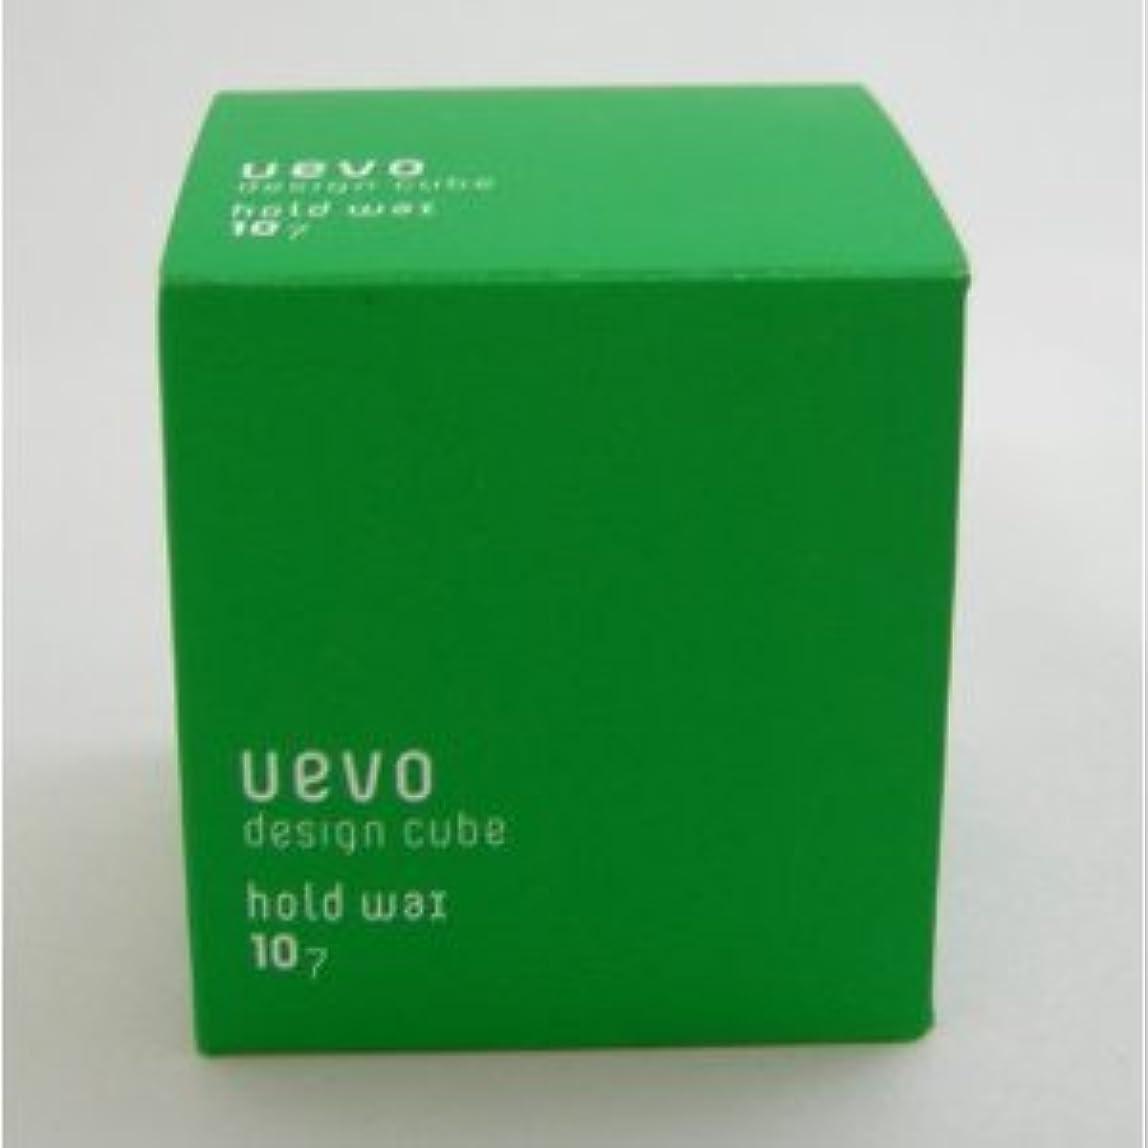 ブローホールリスキーな事前に【X3個セット】 デミ ウェーボ デザインキューブ ホールドワックス 80g hold wax